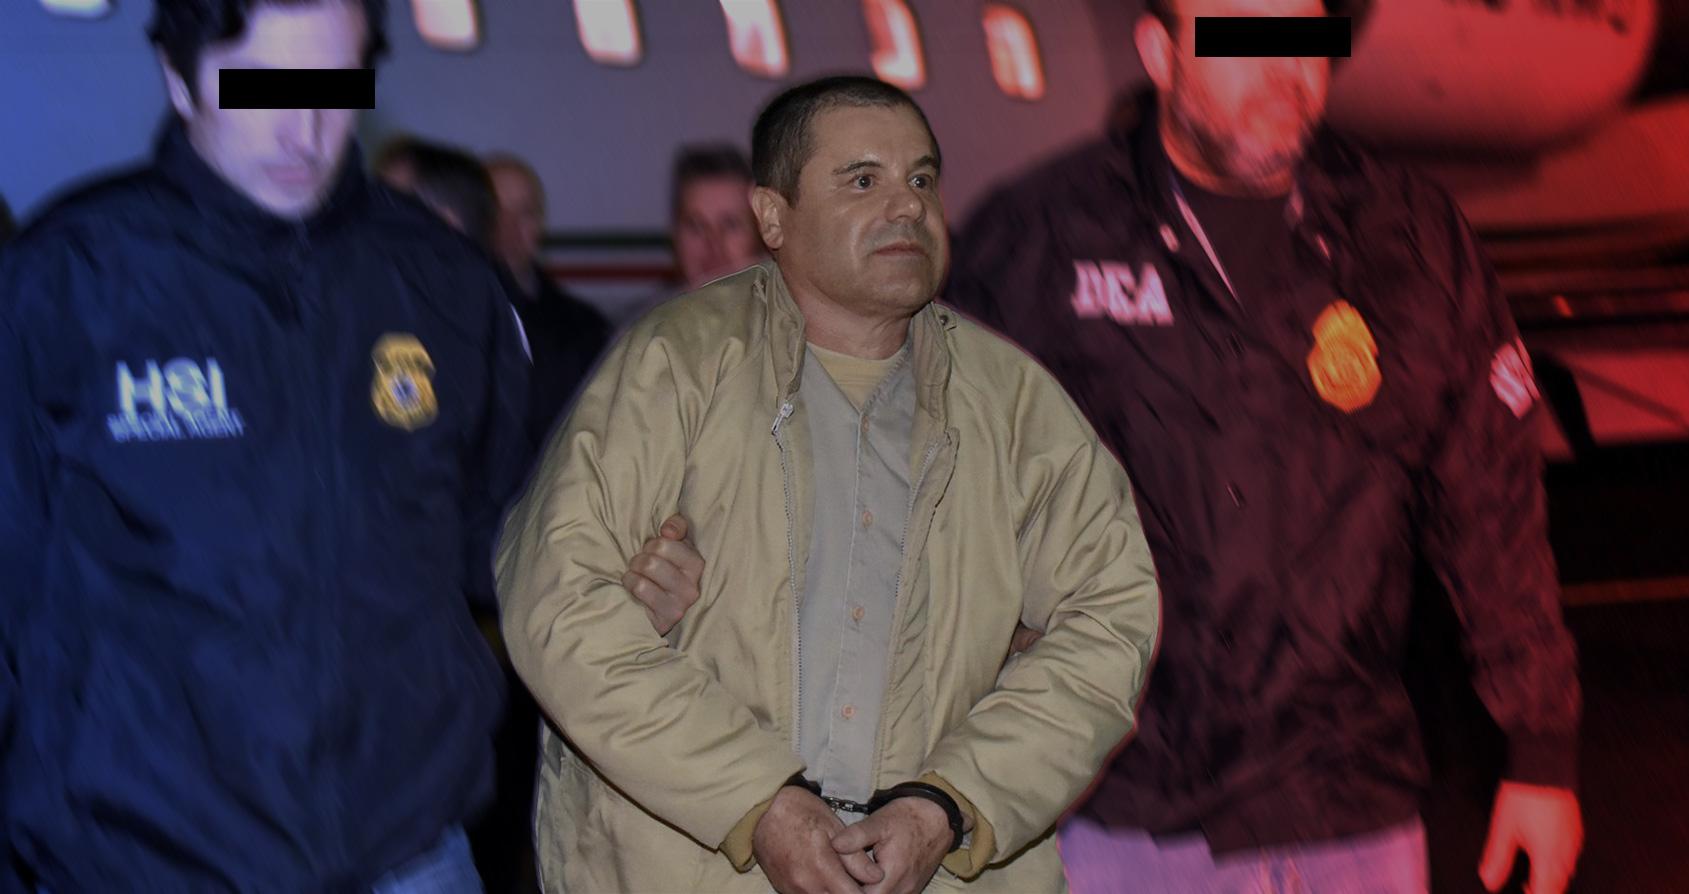 El Chapo : l'histoire totale du narcotrafiquant devenu une icône pop